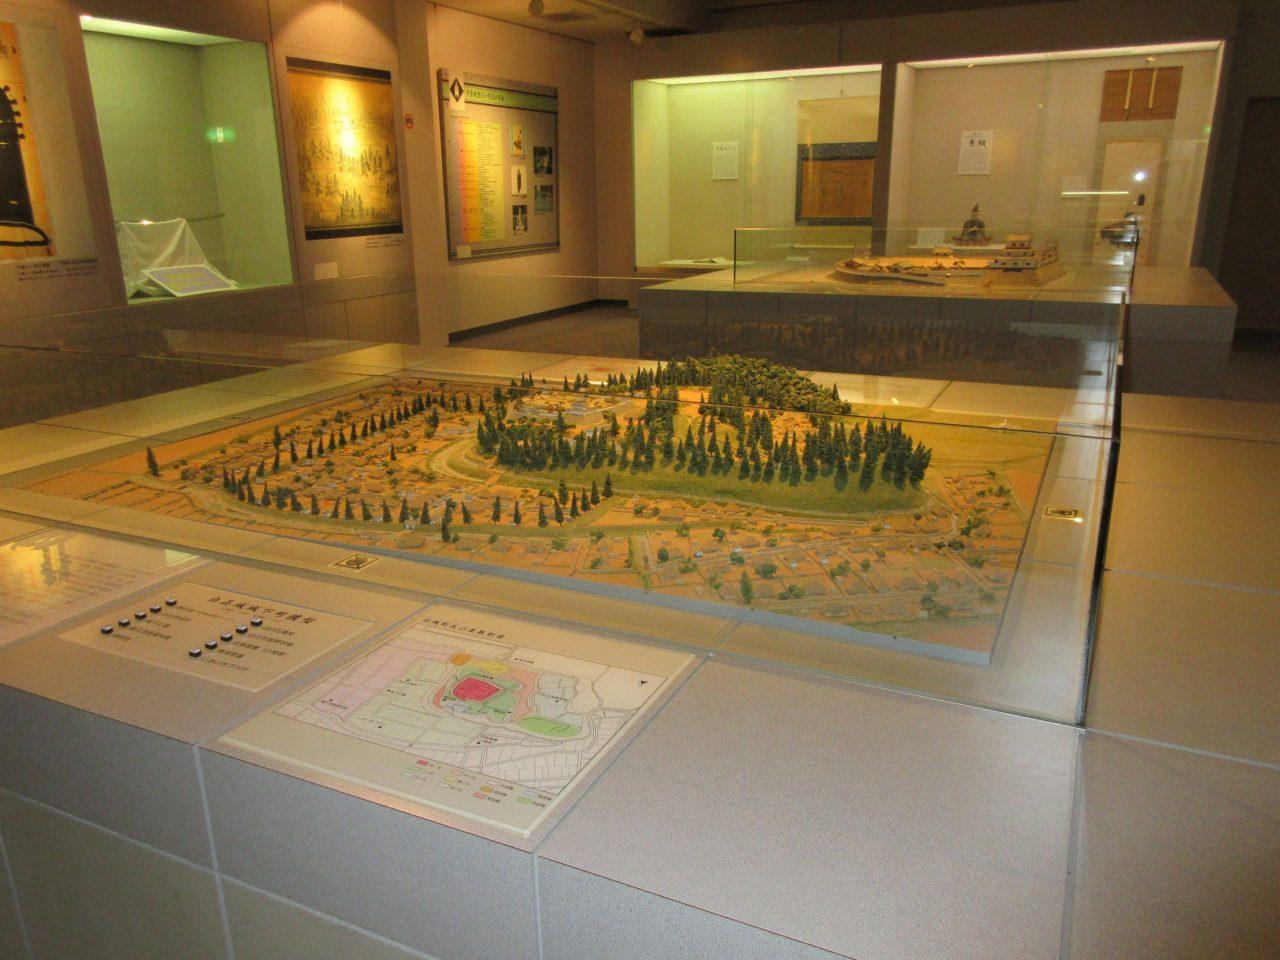 [ประวัติศาสตร์และอาหาร]พิพิธภัณฑ์ประวัติศาสตร์ปราสาทชิโรอิชิ